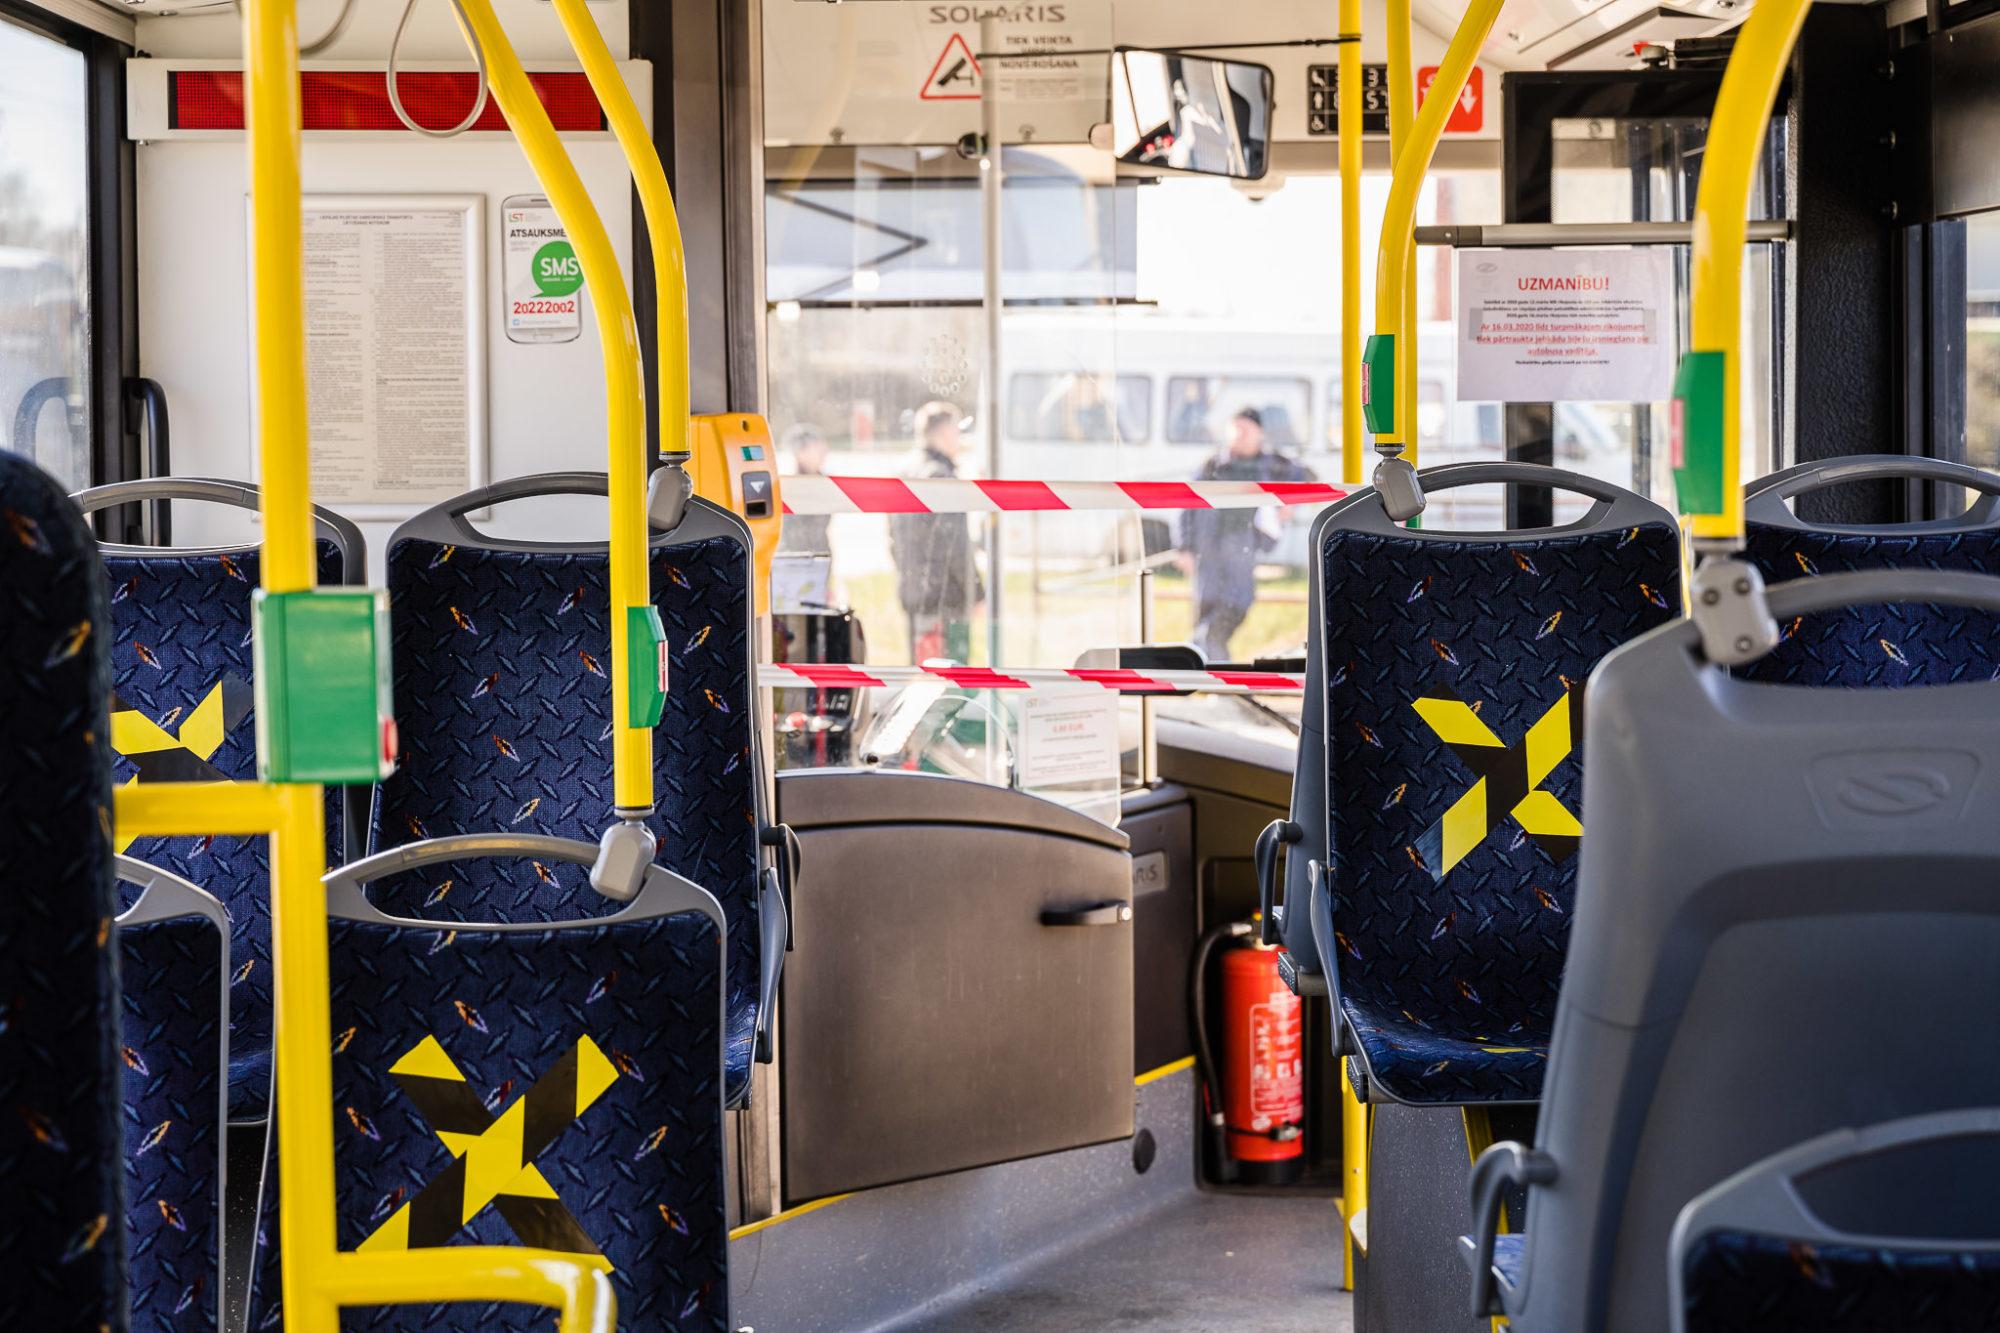 Distances ievērošanai sabiedriskajā transportā marķē sēdvietas